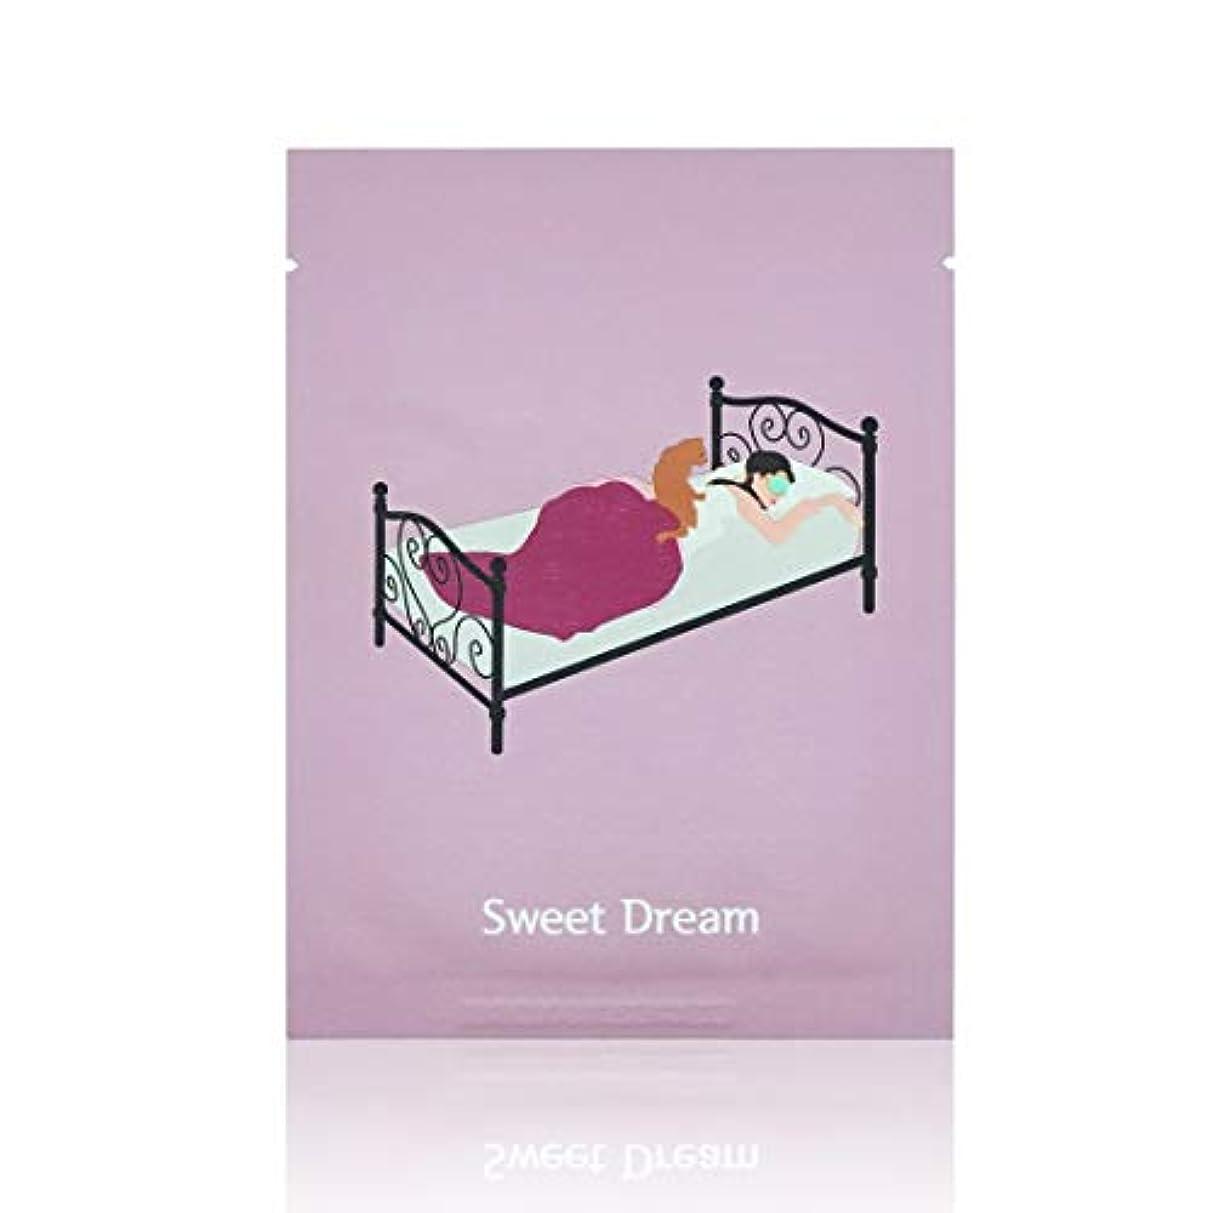 音効果的突っ込む【PACKAGE】Sweet Dream Deep Sleeping Mask 10ea スリーピング マスク パック (10枚入り) 韓国 美白 セット 顔 保湿 モイスト ランキング シート 毎日 おすすめ